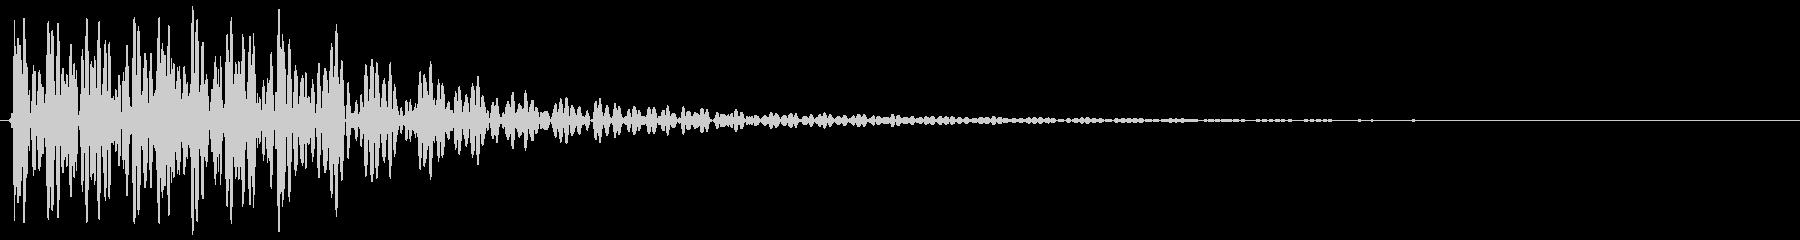 ドドン。太鼓・テロップ音の未再生の波形